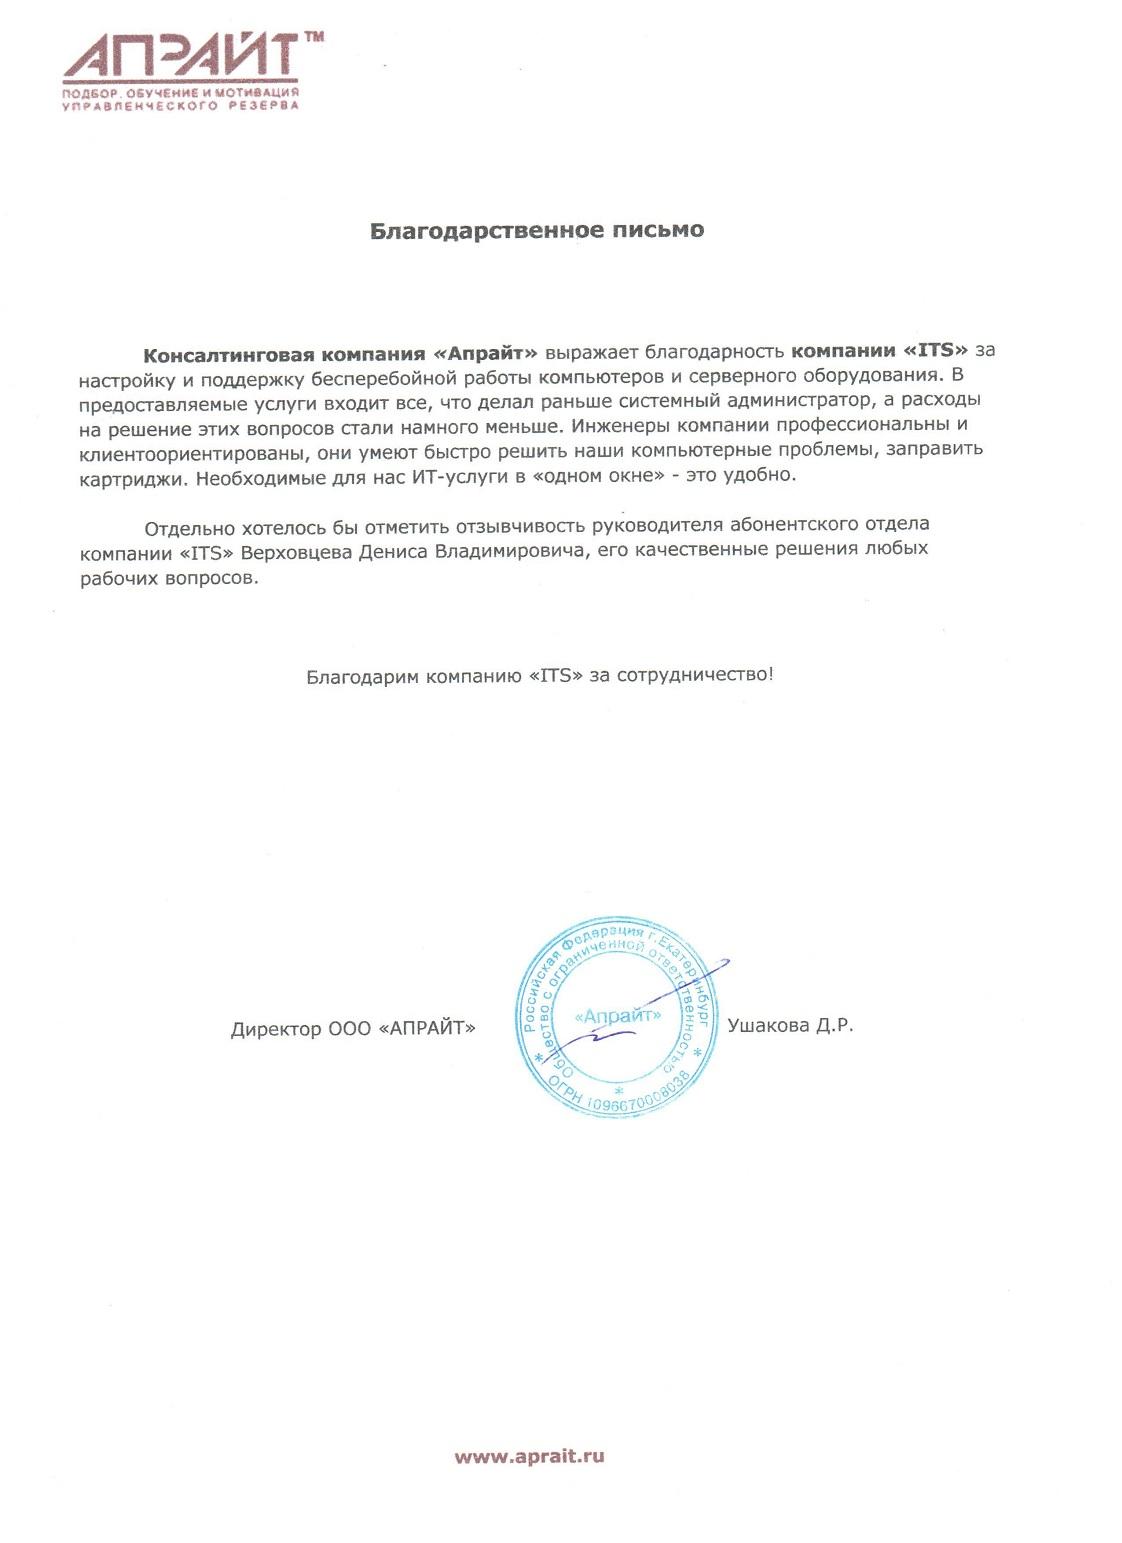 IT аутсорсинг Тюмень благодарственное письмо компании Апрайт